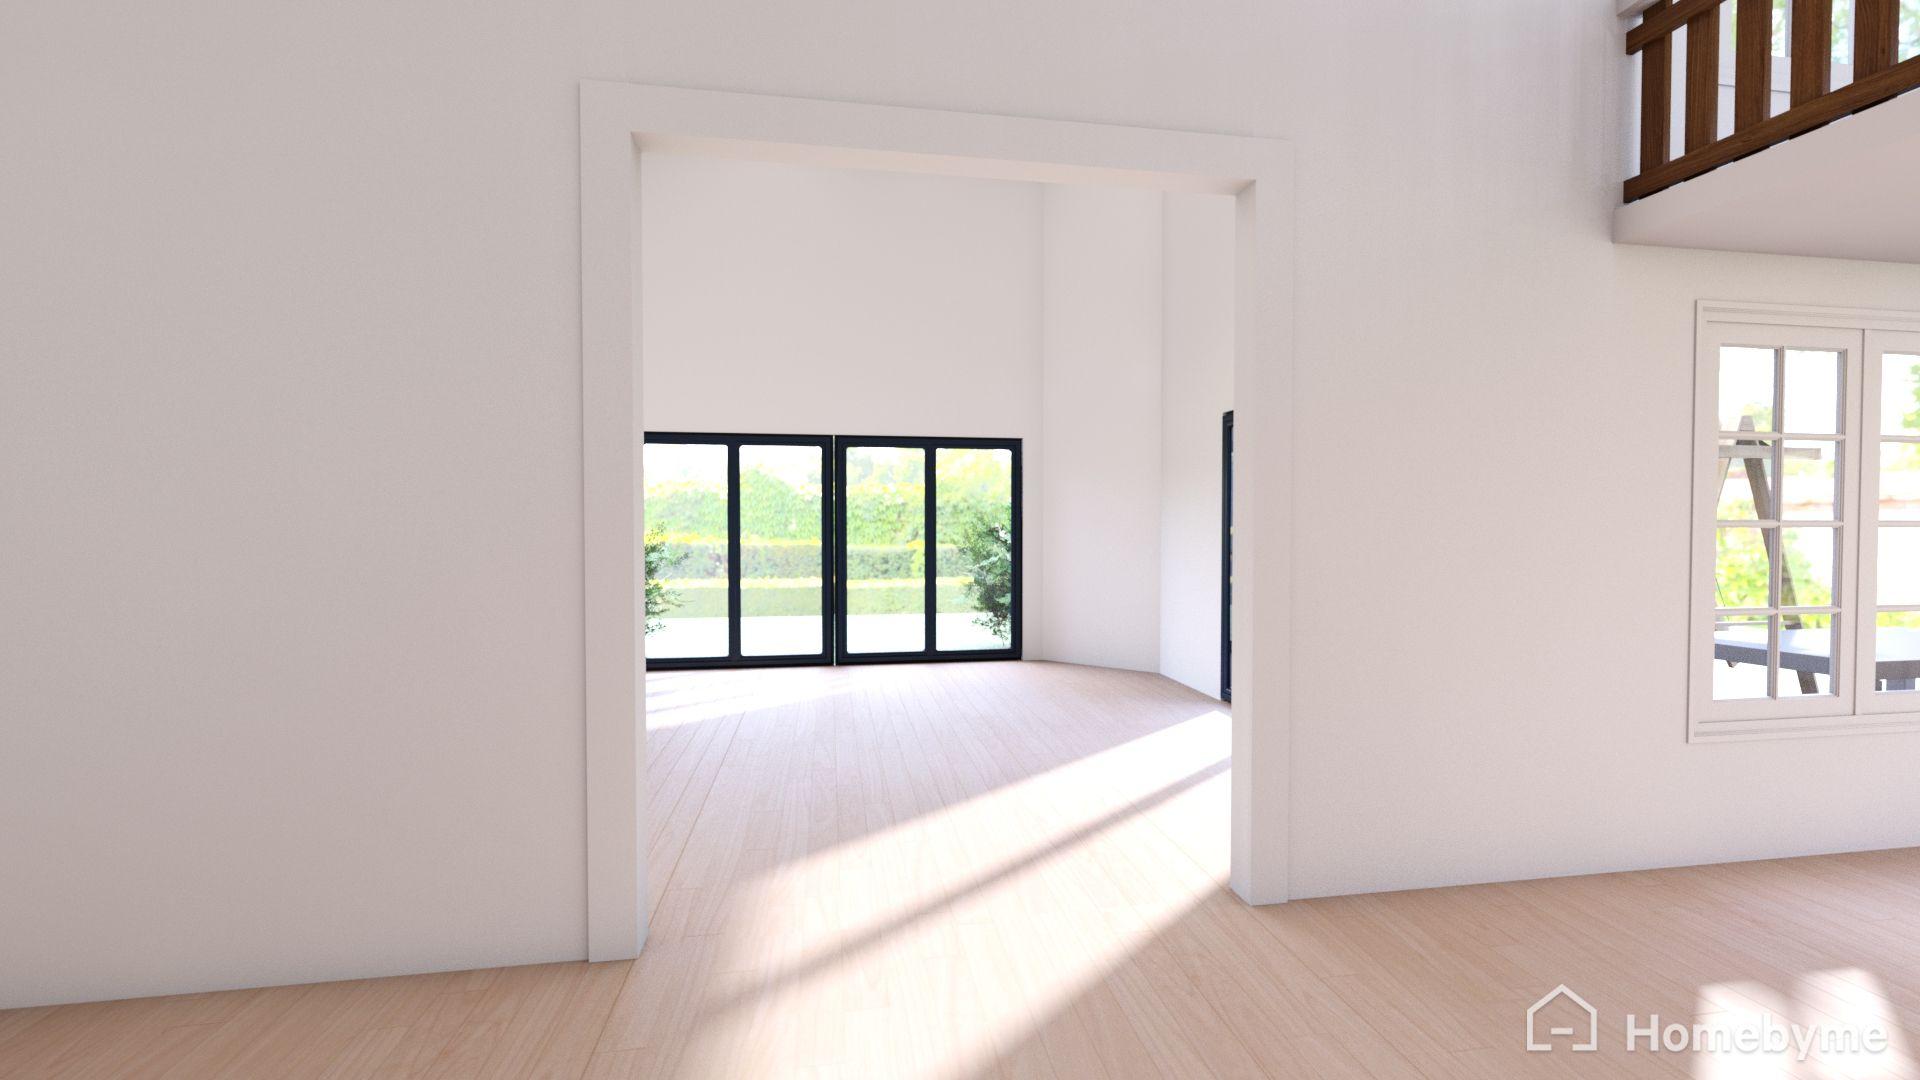 Creer Un Mur Photo homebyme-fr - comment créer une ouverture dans mon mur